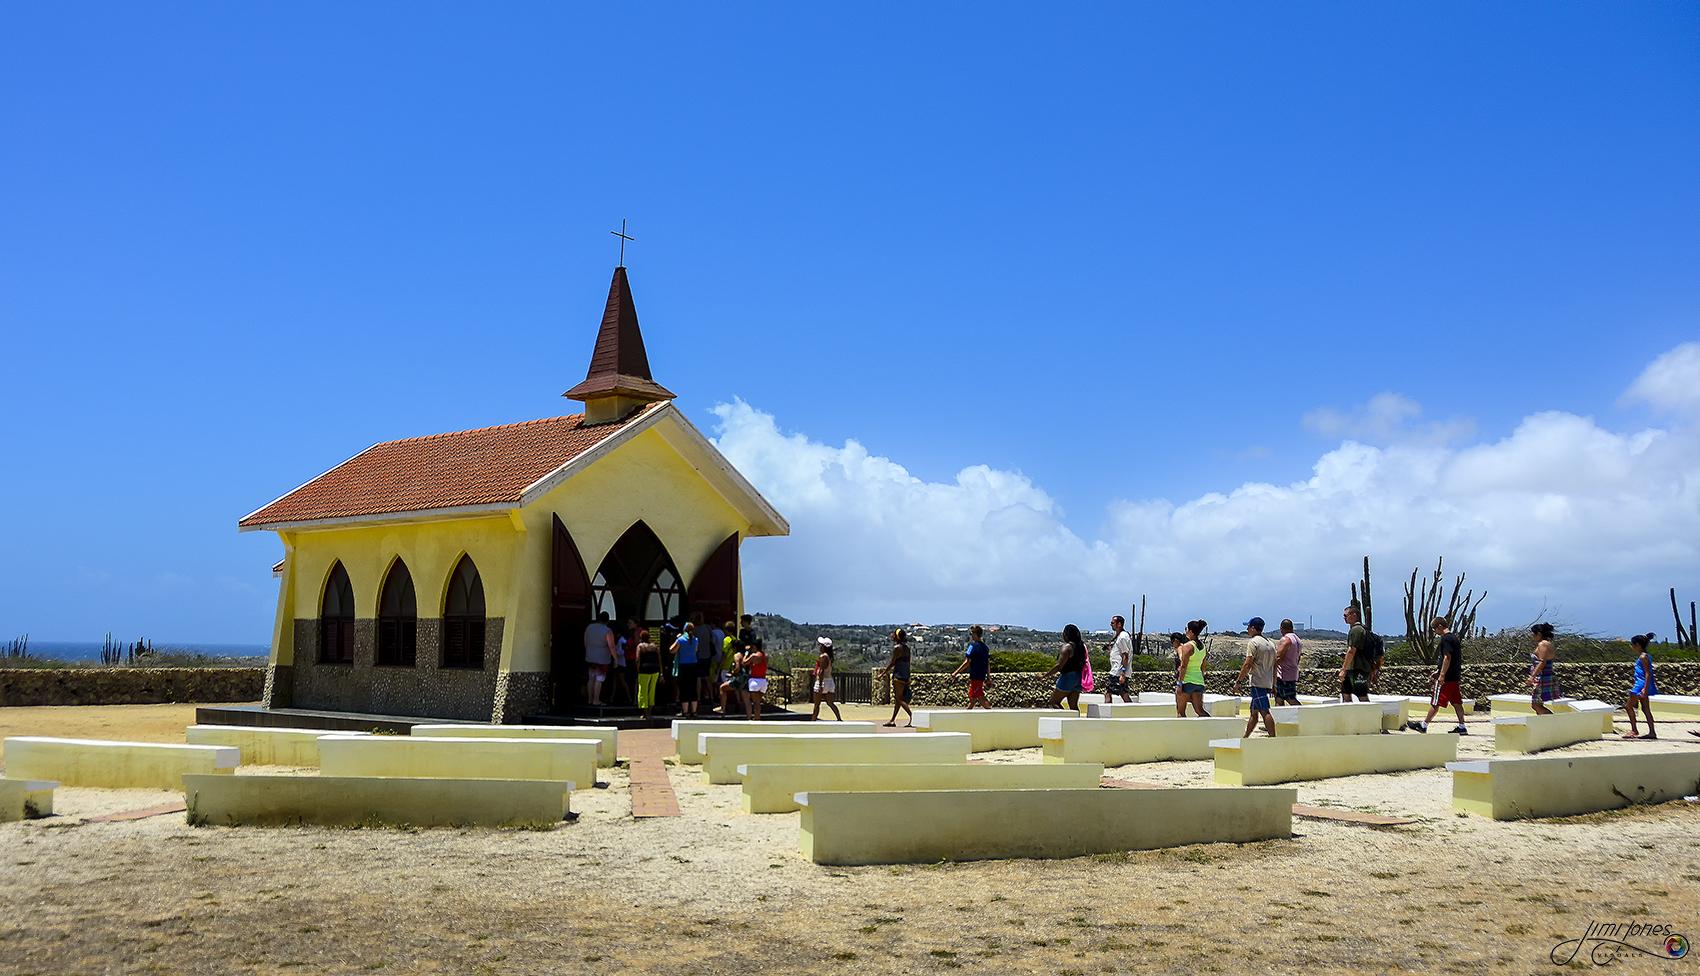 Tourist Visit the Alto Vista Chapel in Aruba